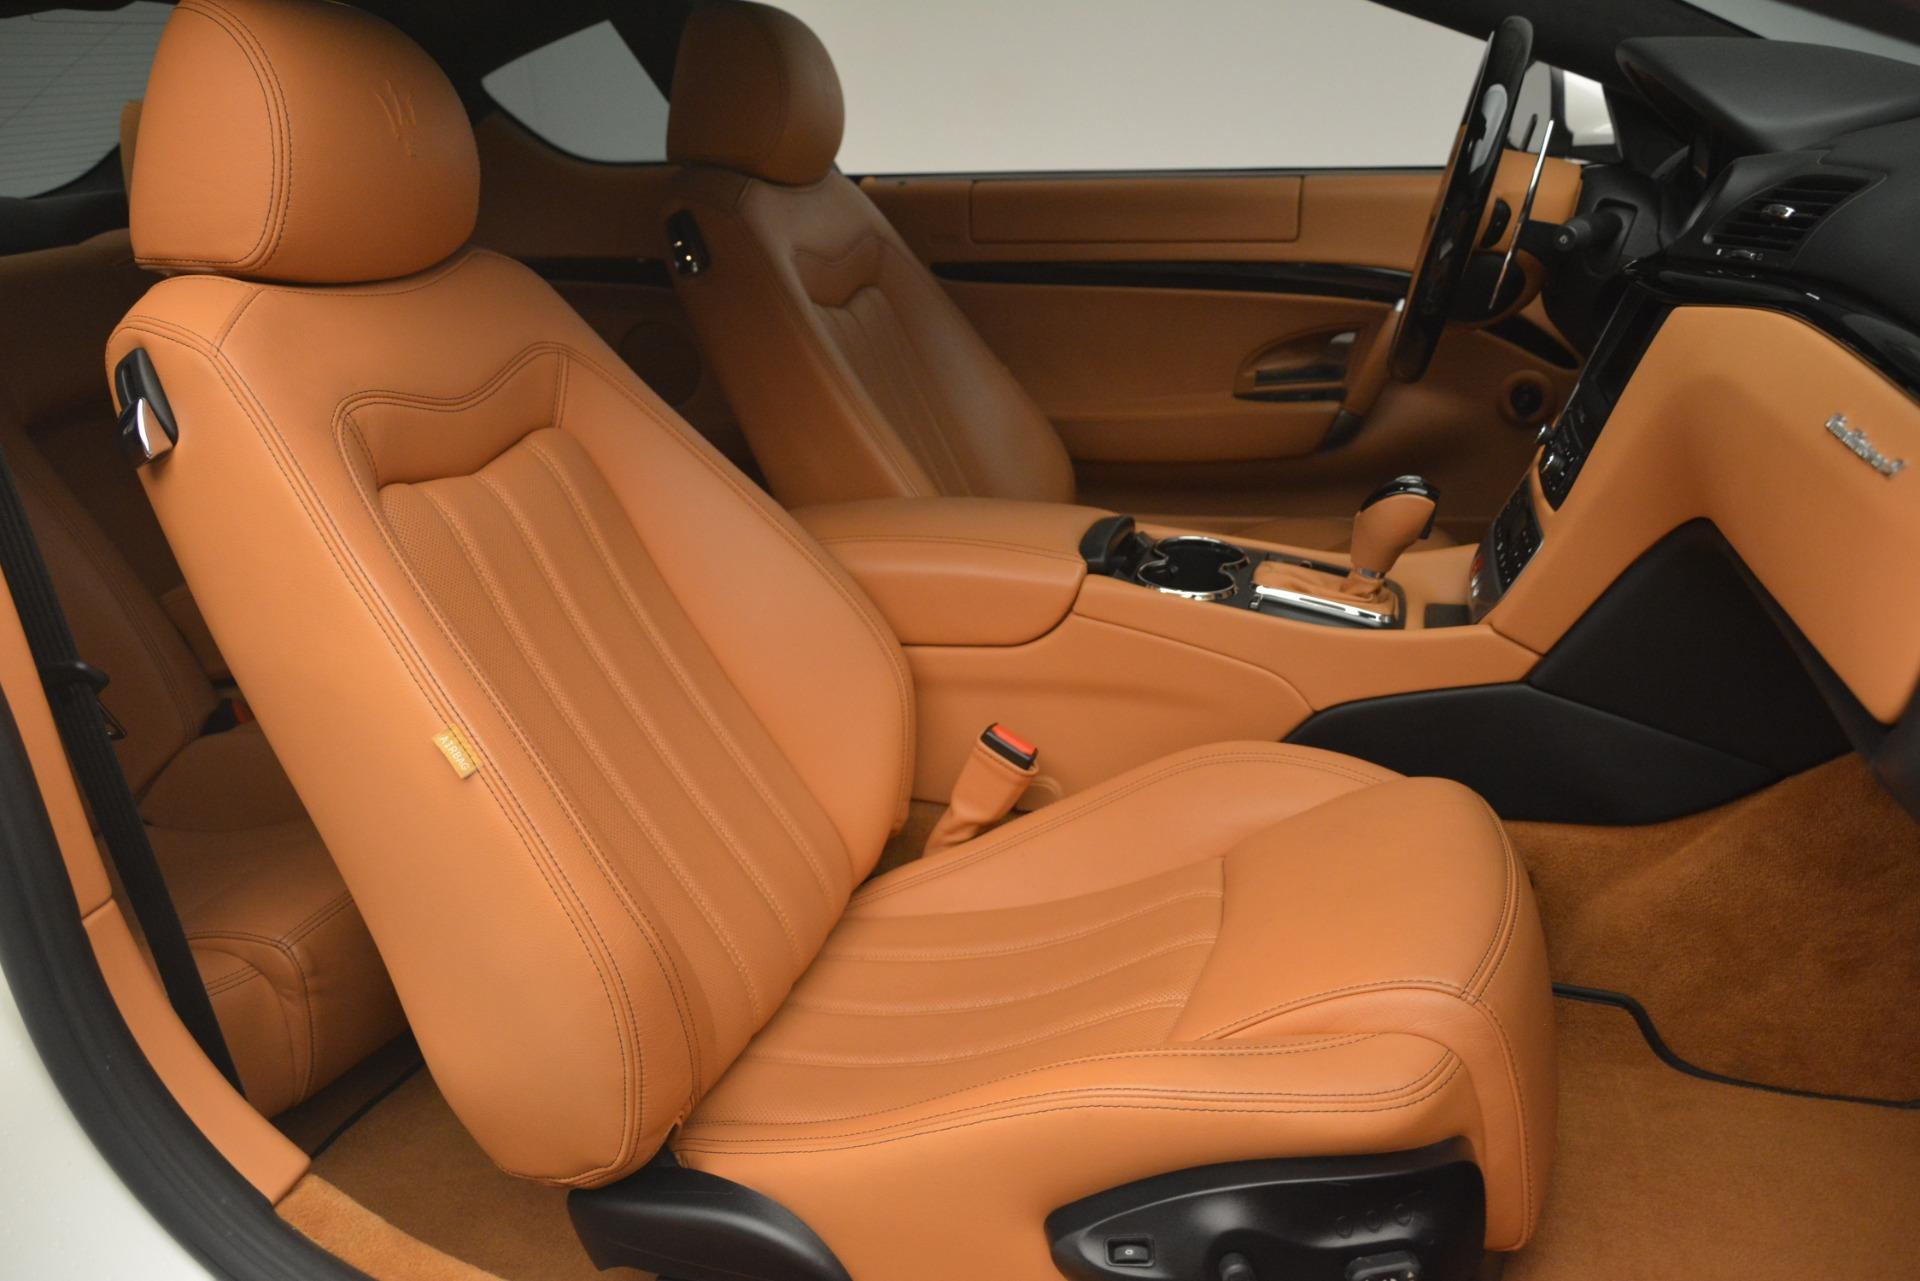 Used 2011 Maserati GranTurismo S Automatic For Sale In Greenwich, CT 3061_p18